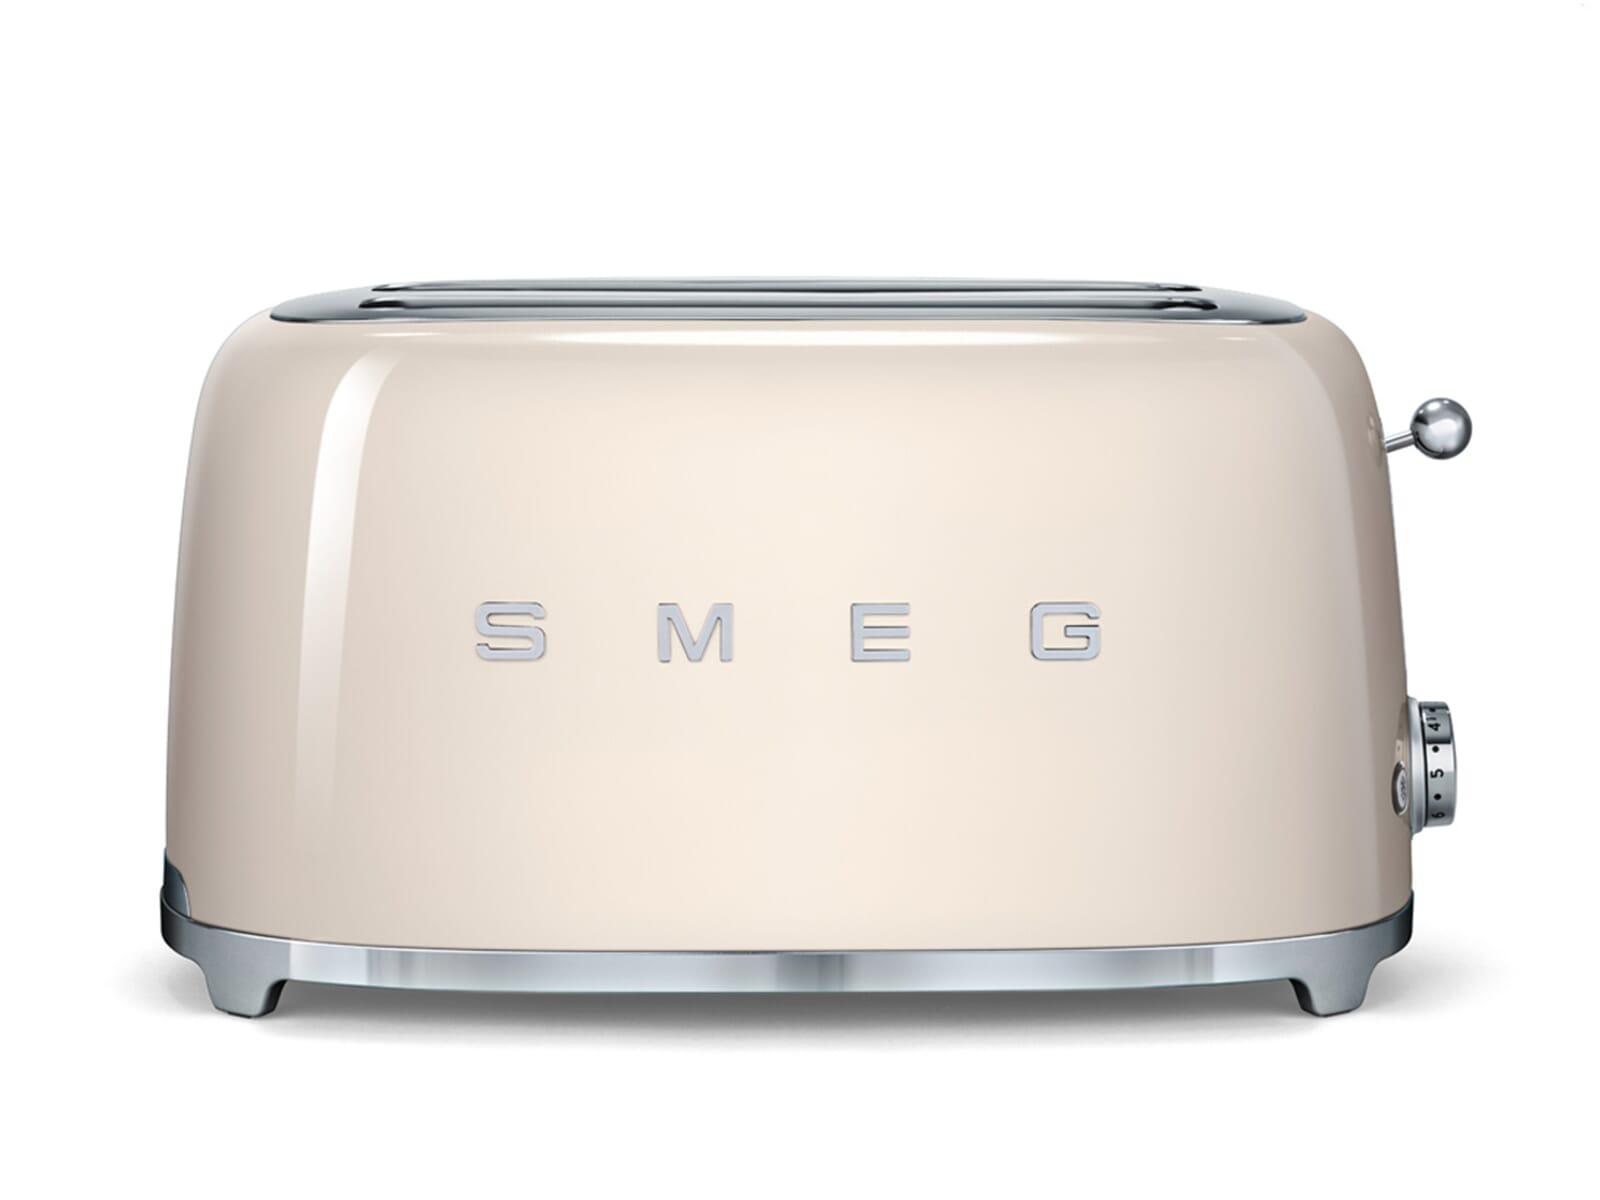 smeg tsf02creu 4 scheiben toaster creme f r 169 00 eur. Black Bedroom Furniture Sets. Home Design Ideas